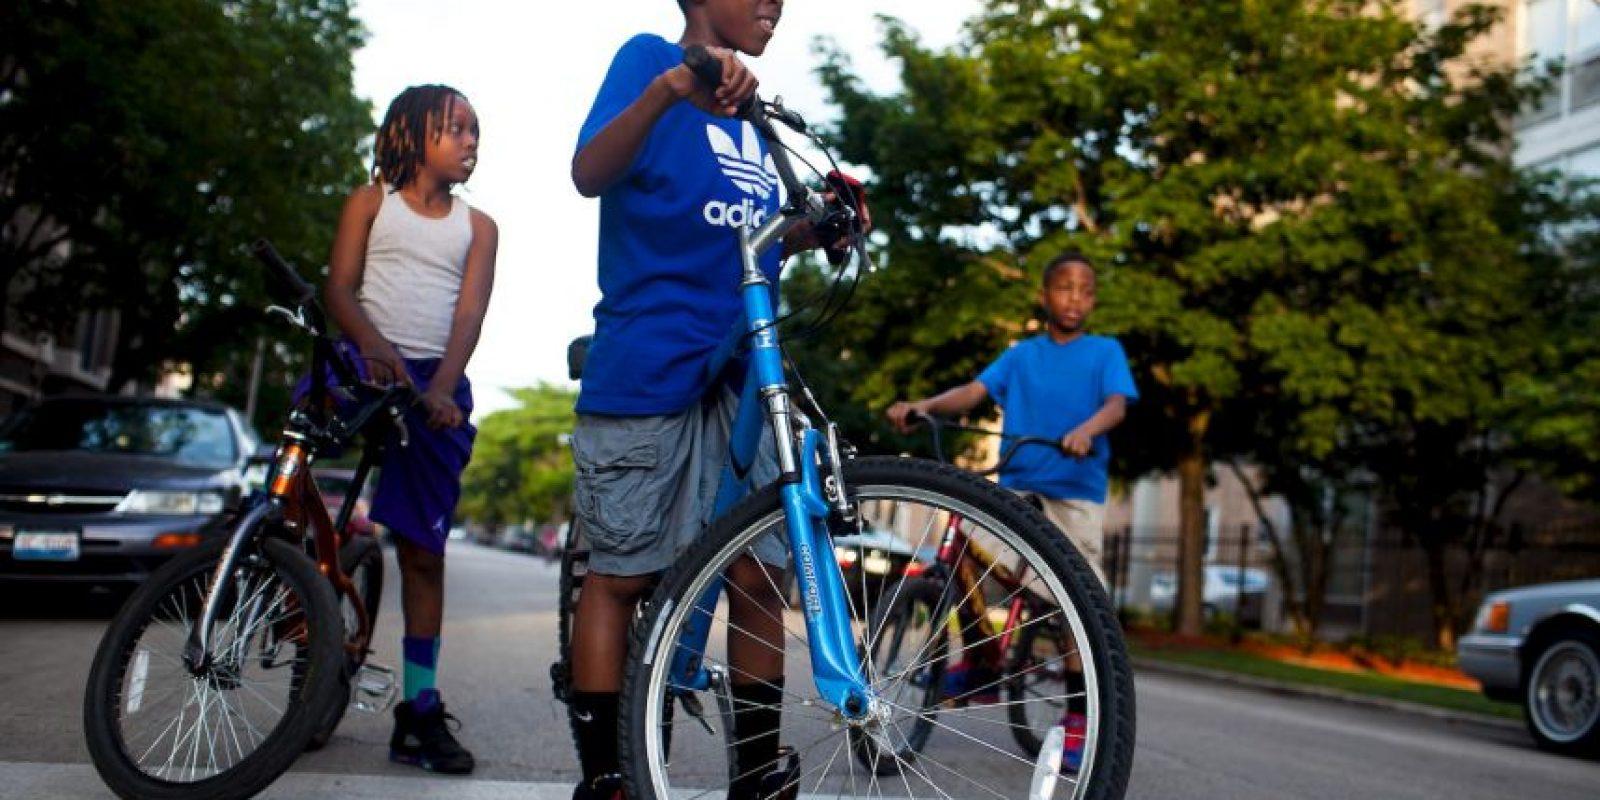 Poco más del 33% de los estudiantes de entre 13 y 15 años en todo el mundo sufren actos de intimidación sistemática en la escuela Foto:Getty Images